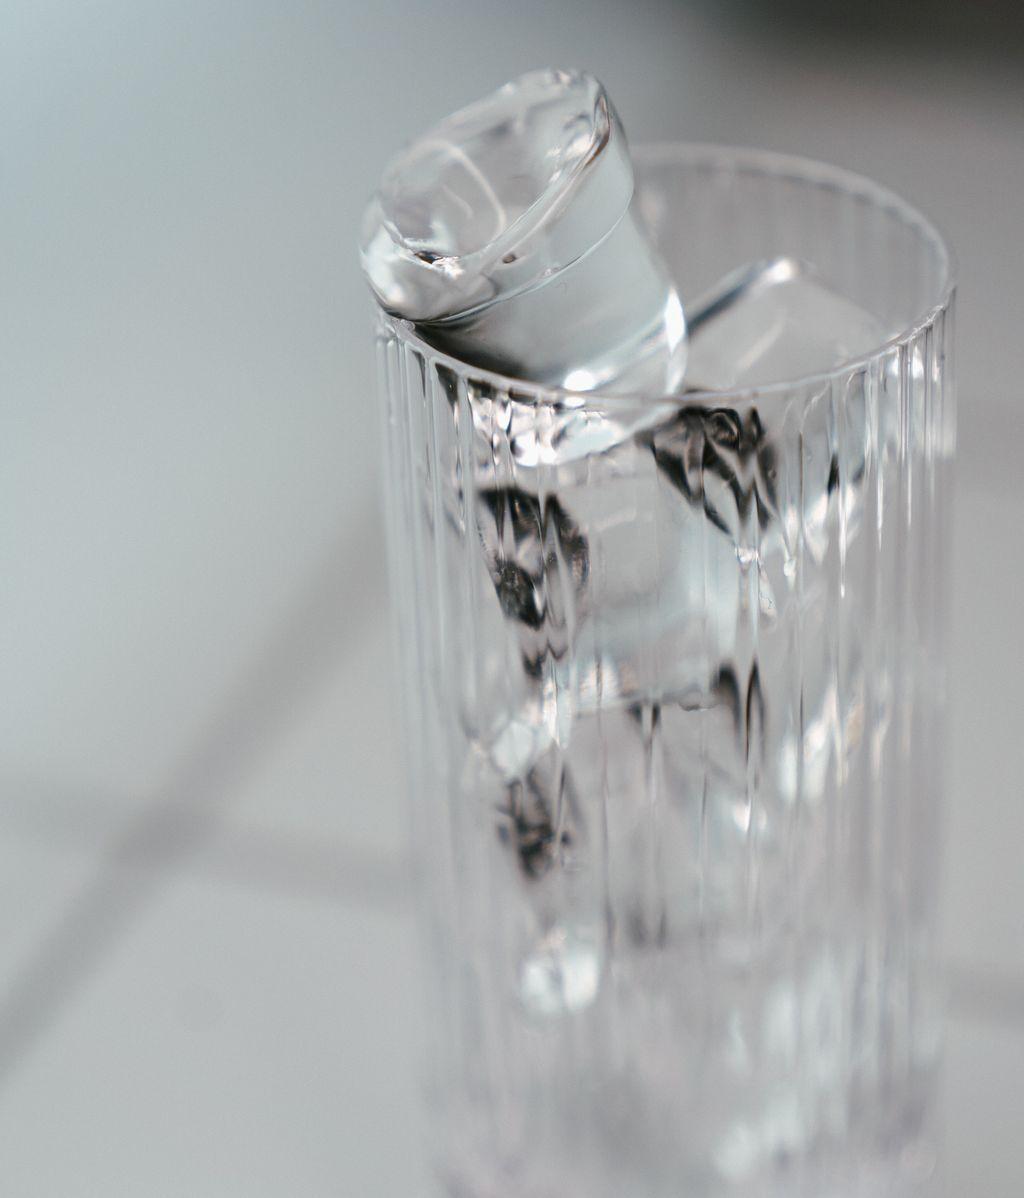 hielo-pexels